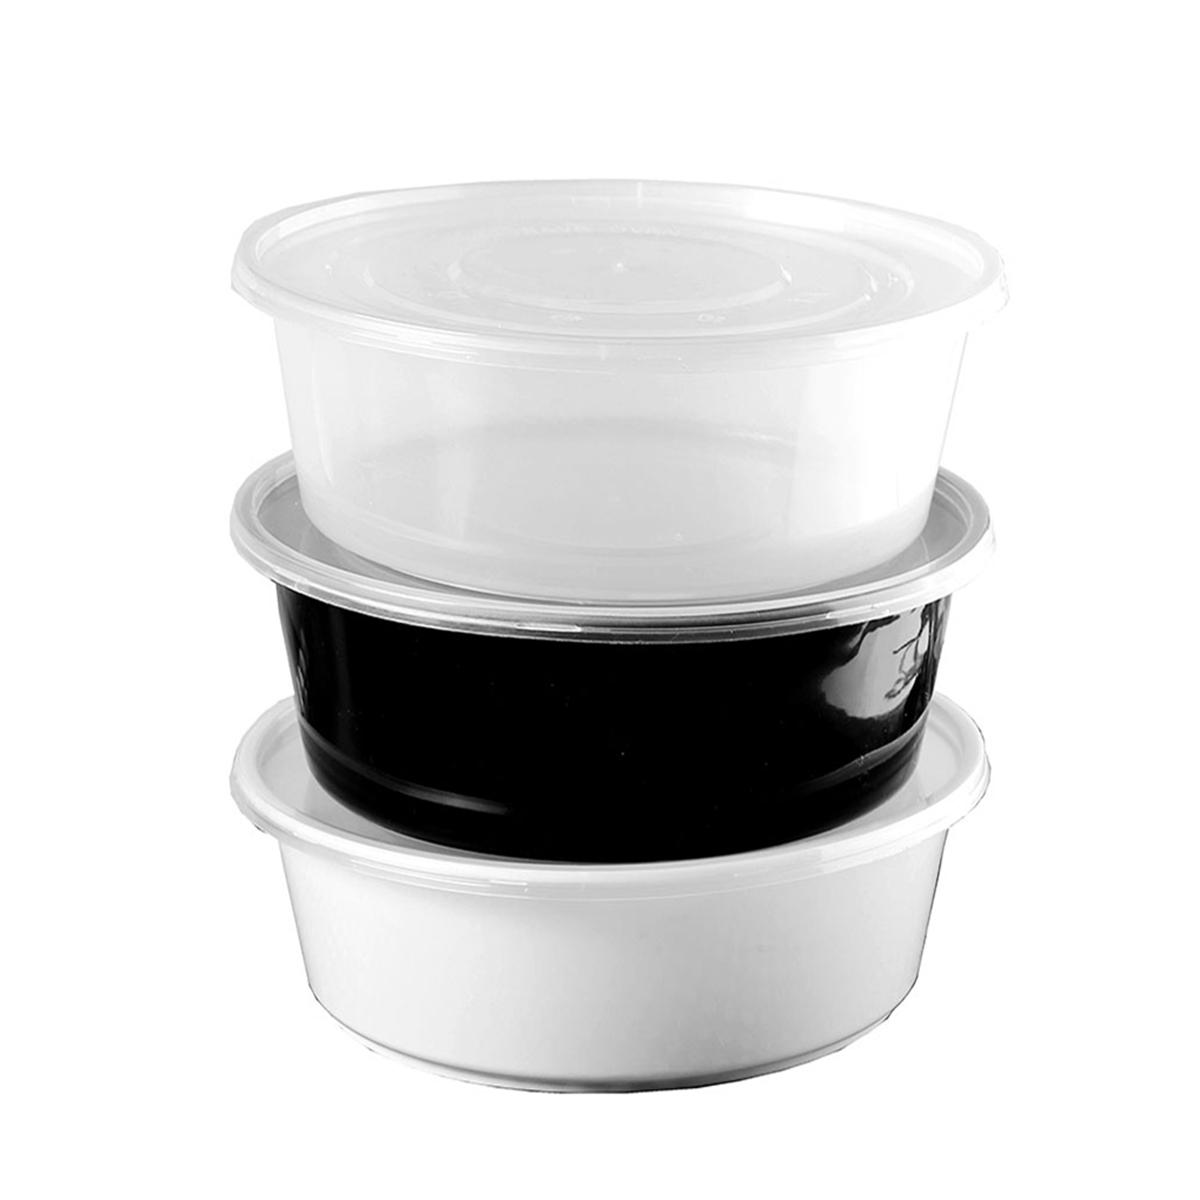 圆形2500ml一次性餐盒带盖水煮鱼碗龙虾碗干锅冒菜打包盒益安